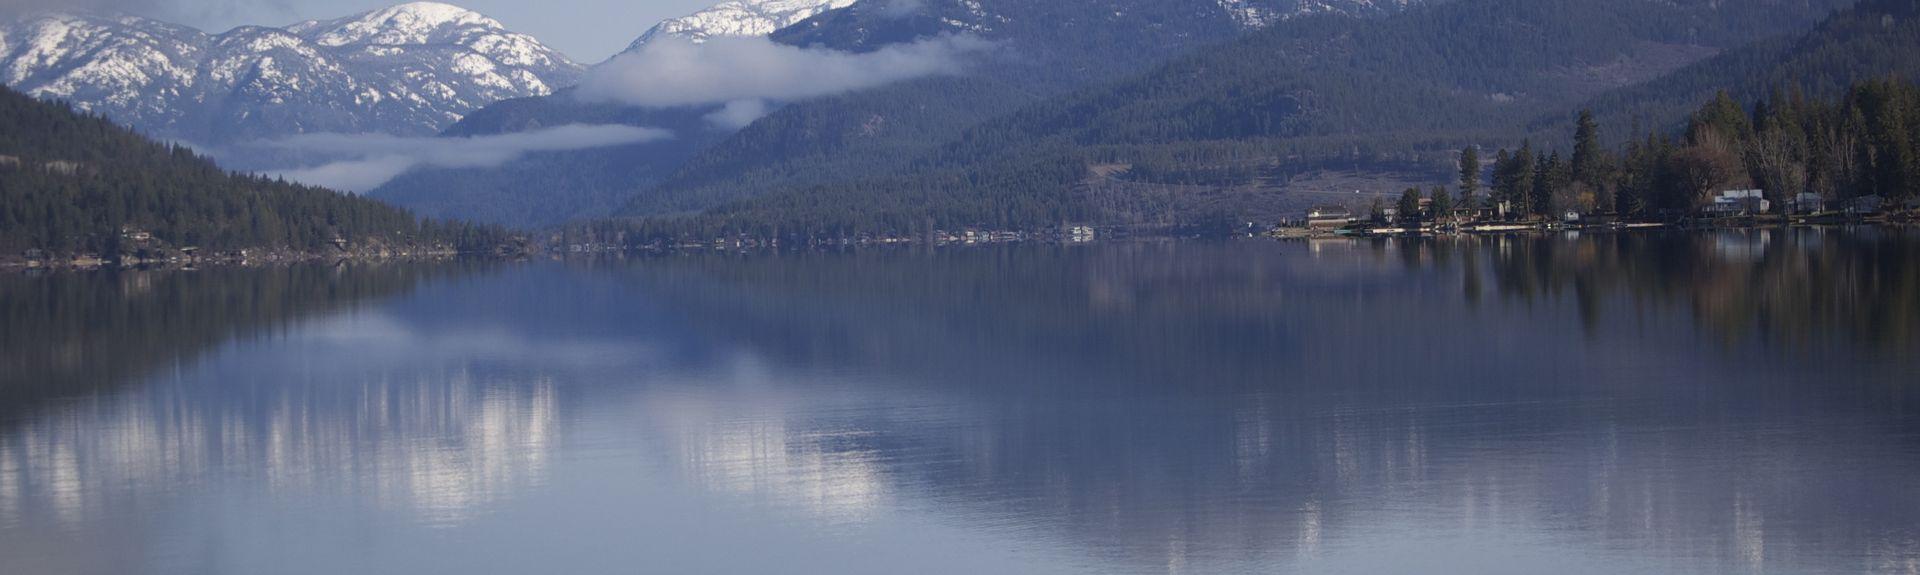 Christina Lake, British Columbia, CA